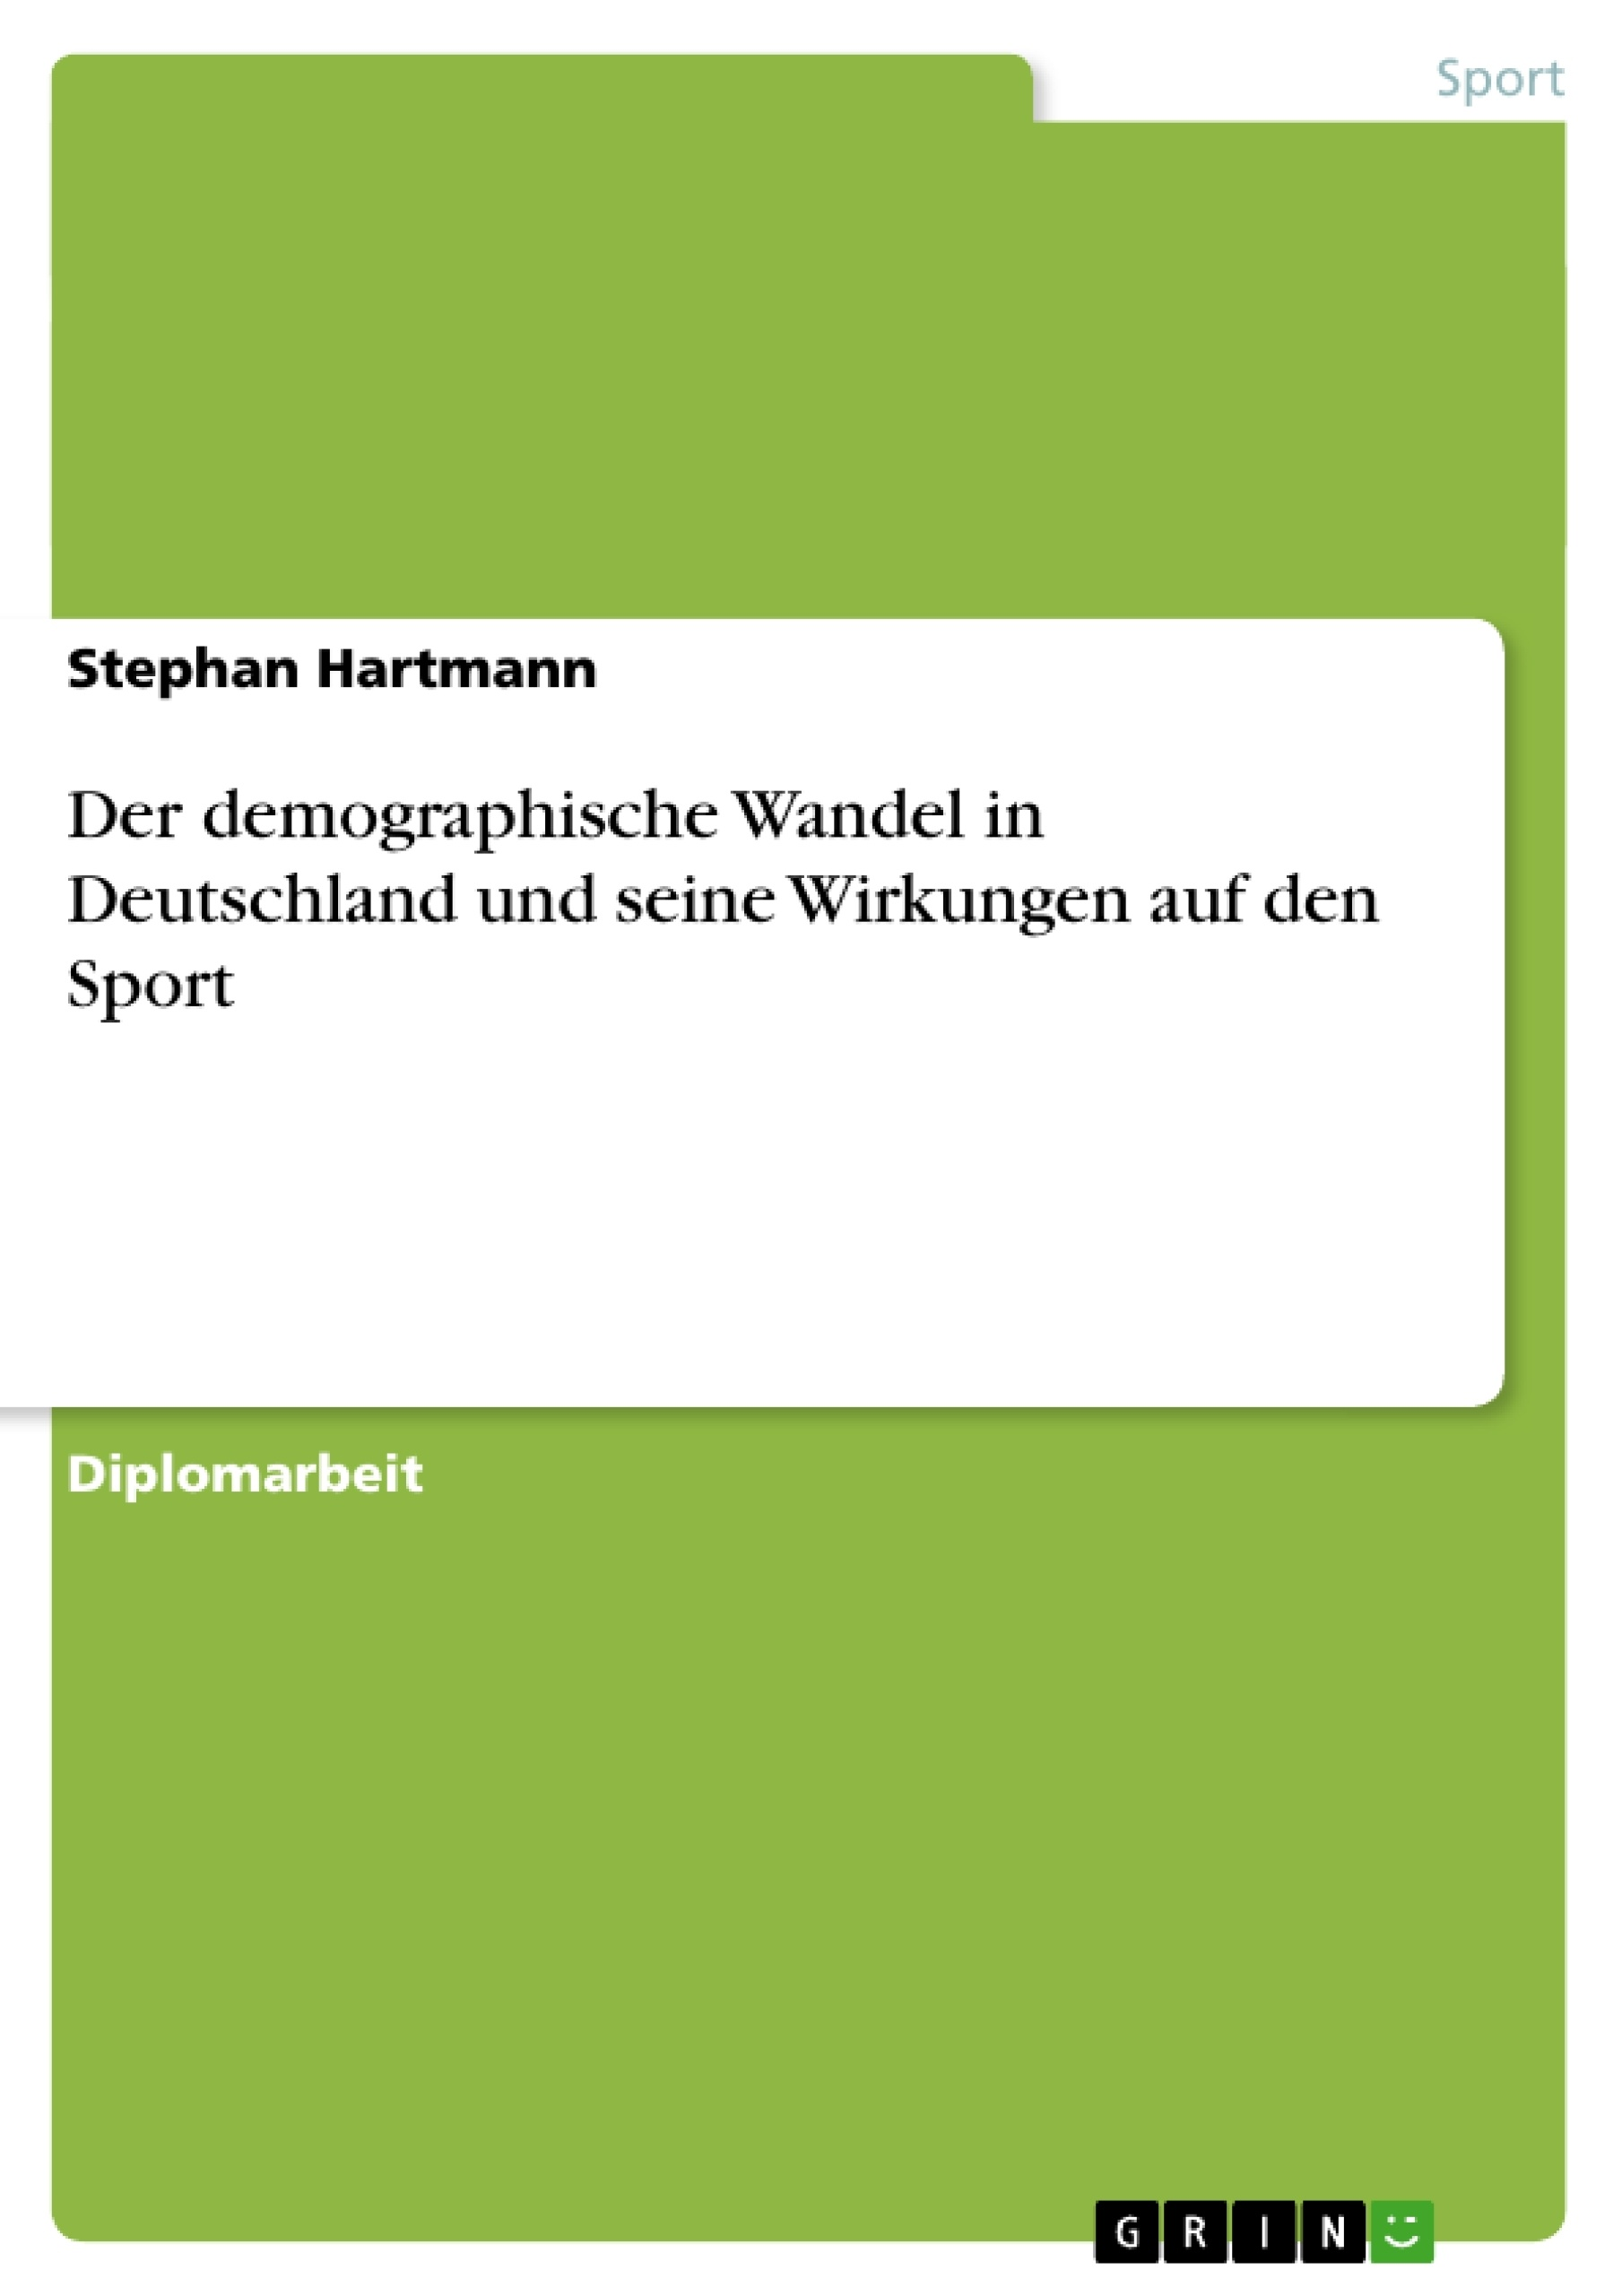 Titel: Der demographische Wandel in Deutschland und seine Wirkungen auf den Sport